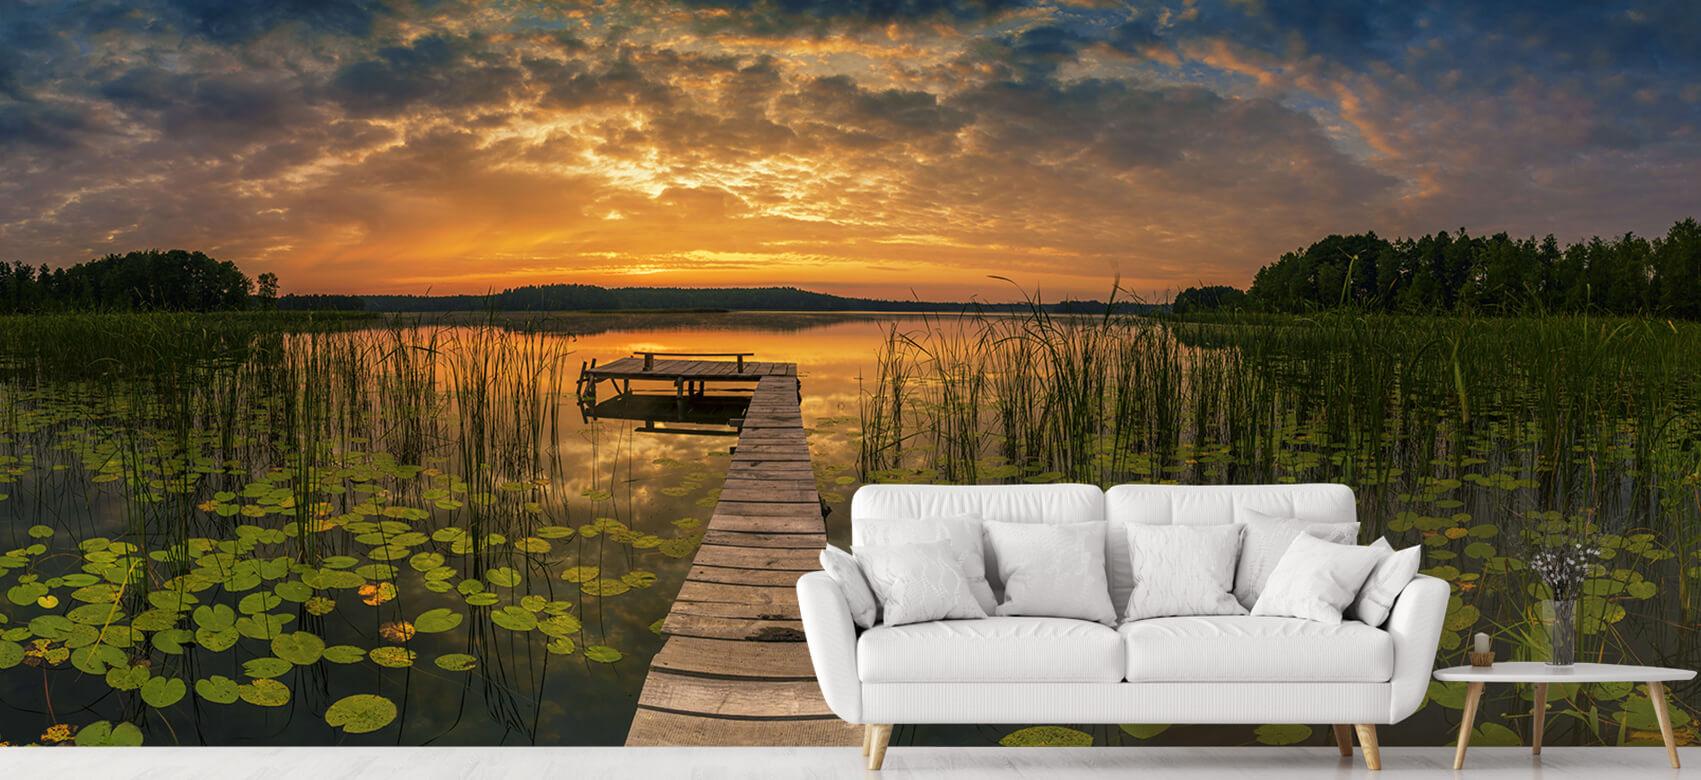 Houten Steigers - Zonsopgang aan het meer - Woonkamer 6